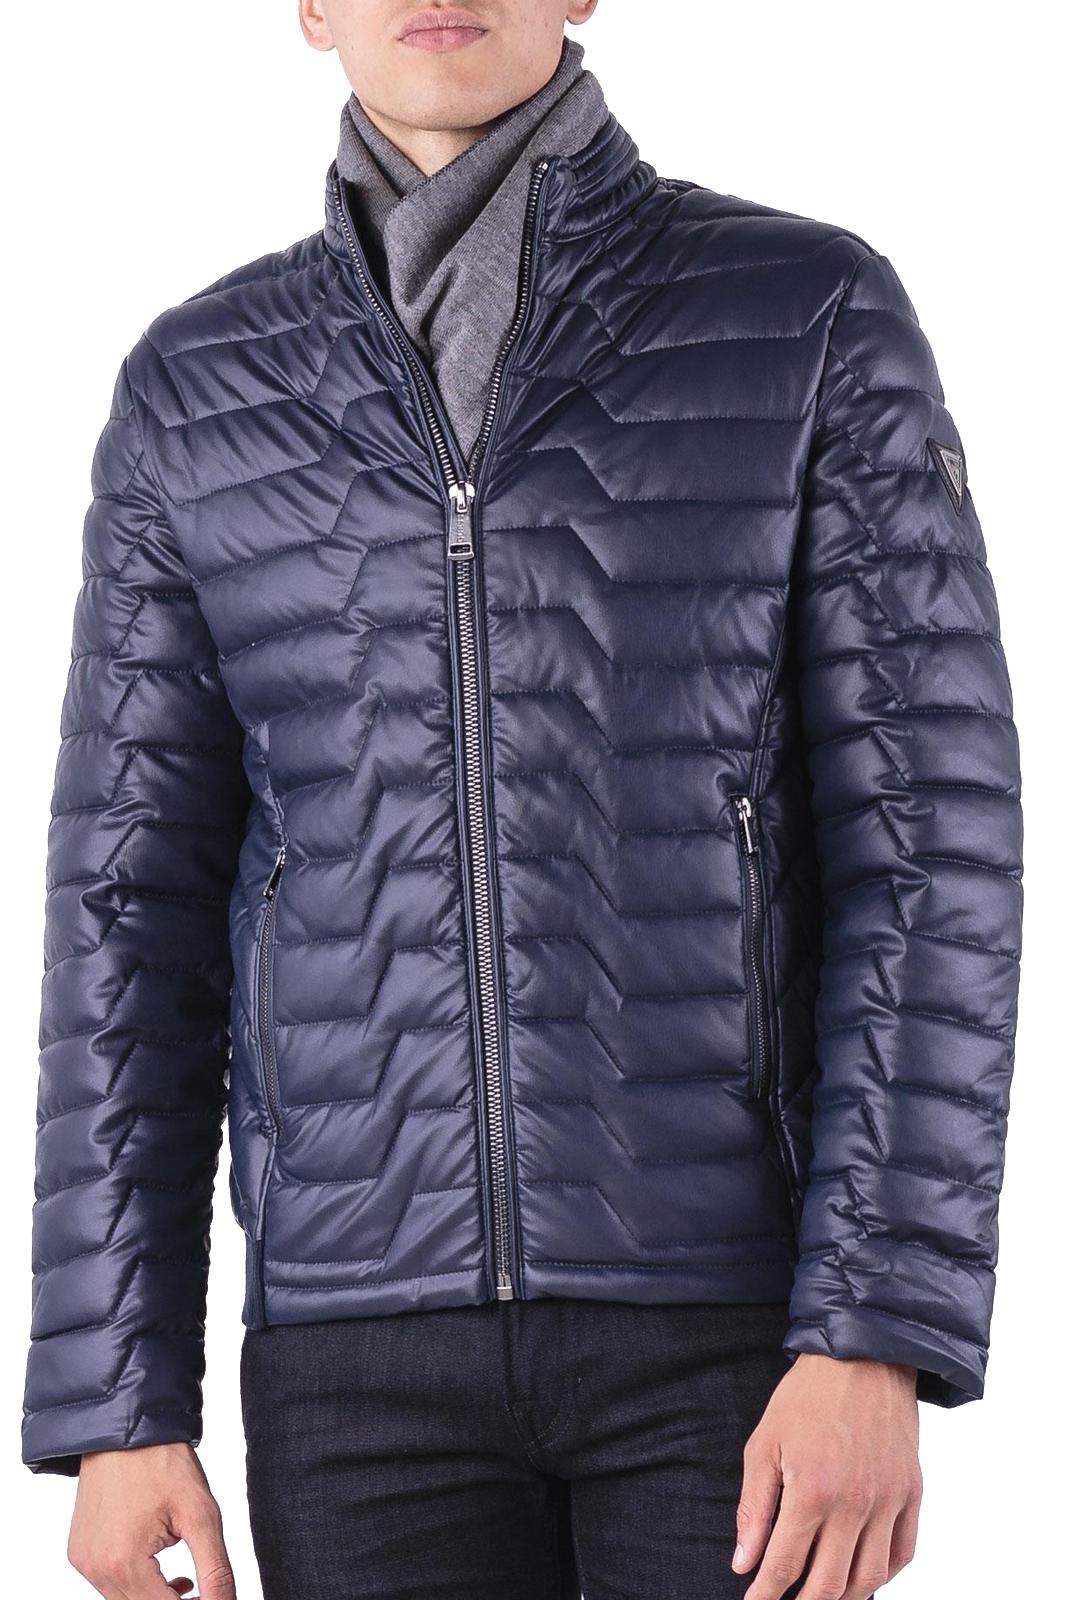 Homme Guess G720 Blousons Jeans Wabc0 Doudounes M84l36 Navy Blue zx1qRAf 07742c579c8